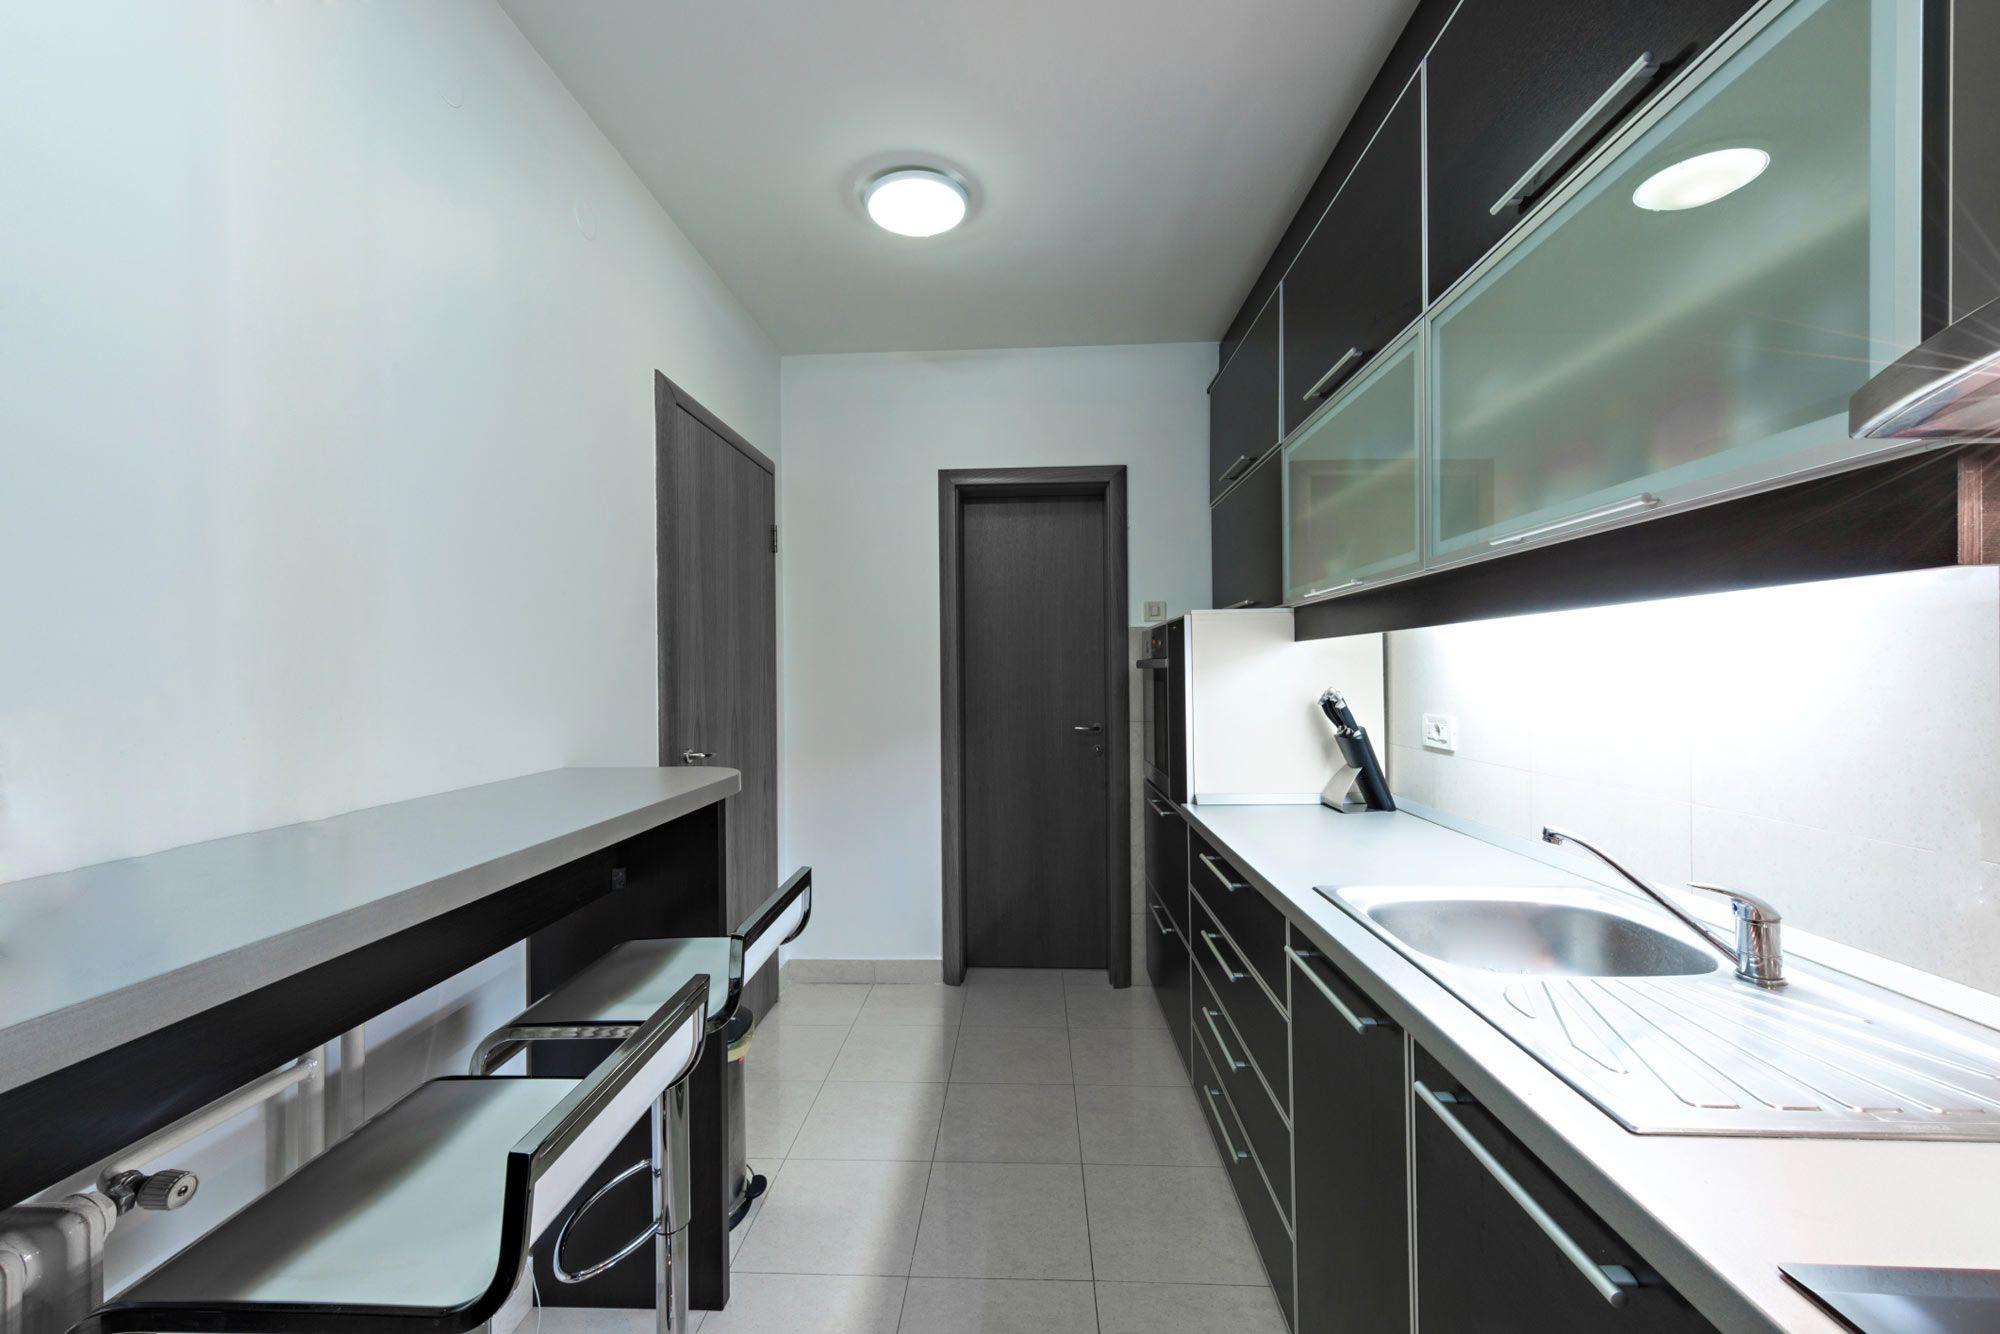 Cocina alargada negra y gris - Hogarmania